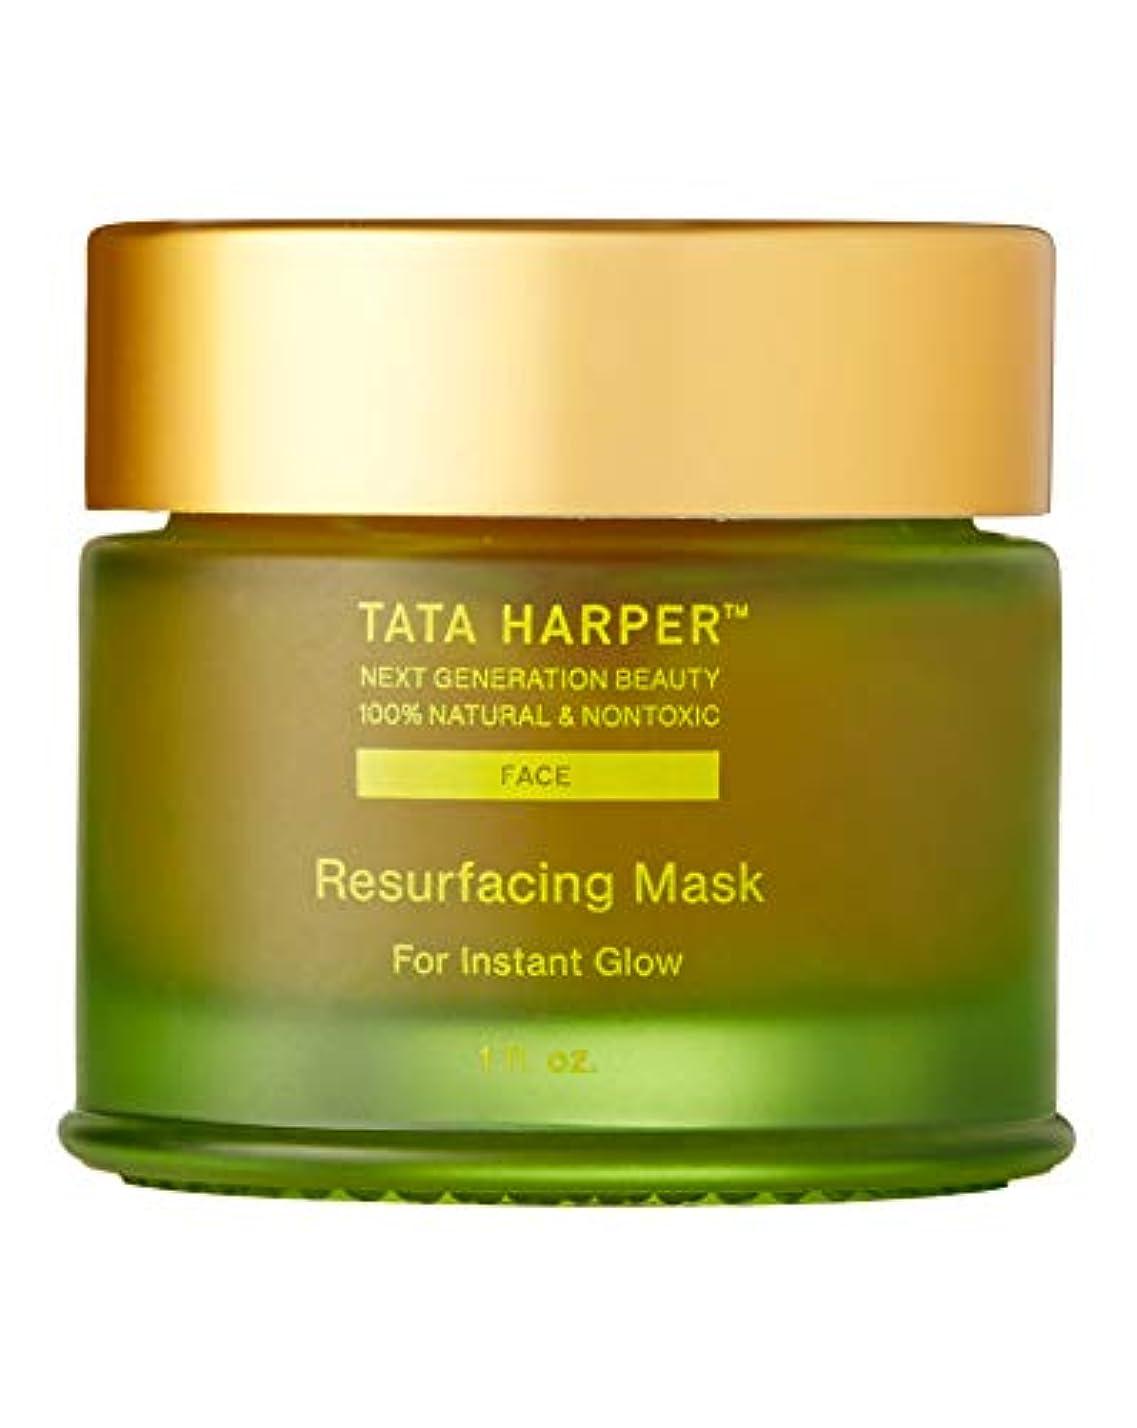 早く砂の苦Tata Harper Resurfacing Mask 30ml タタハーパー リサーフェシング マスク